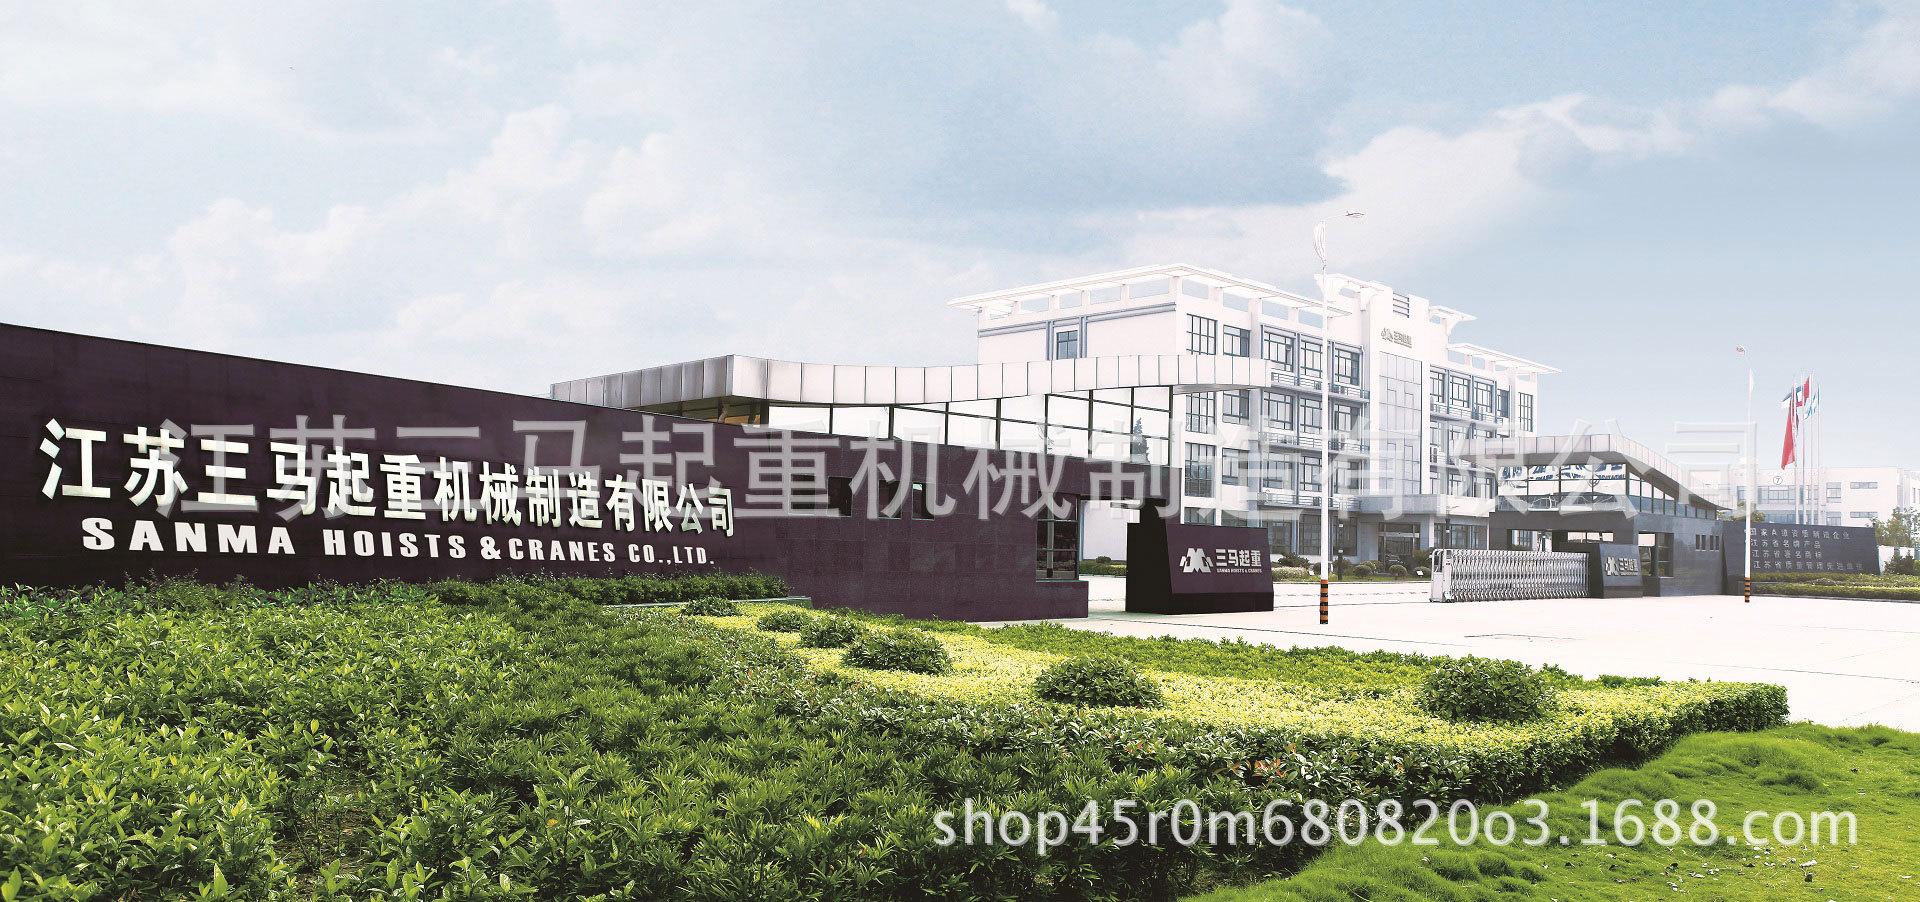 江苏三马MD5T6M小车式电动葫芦